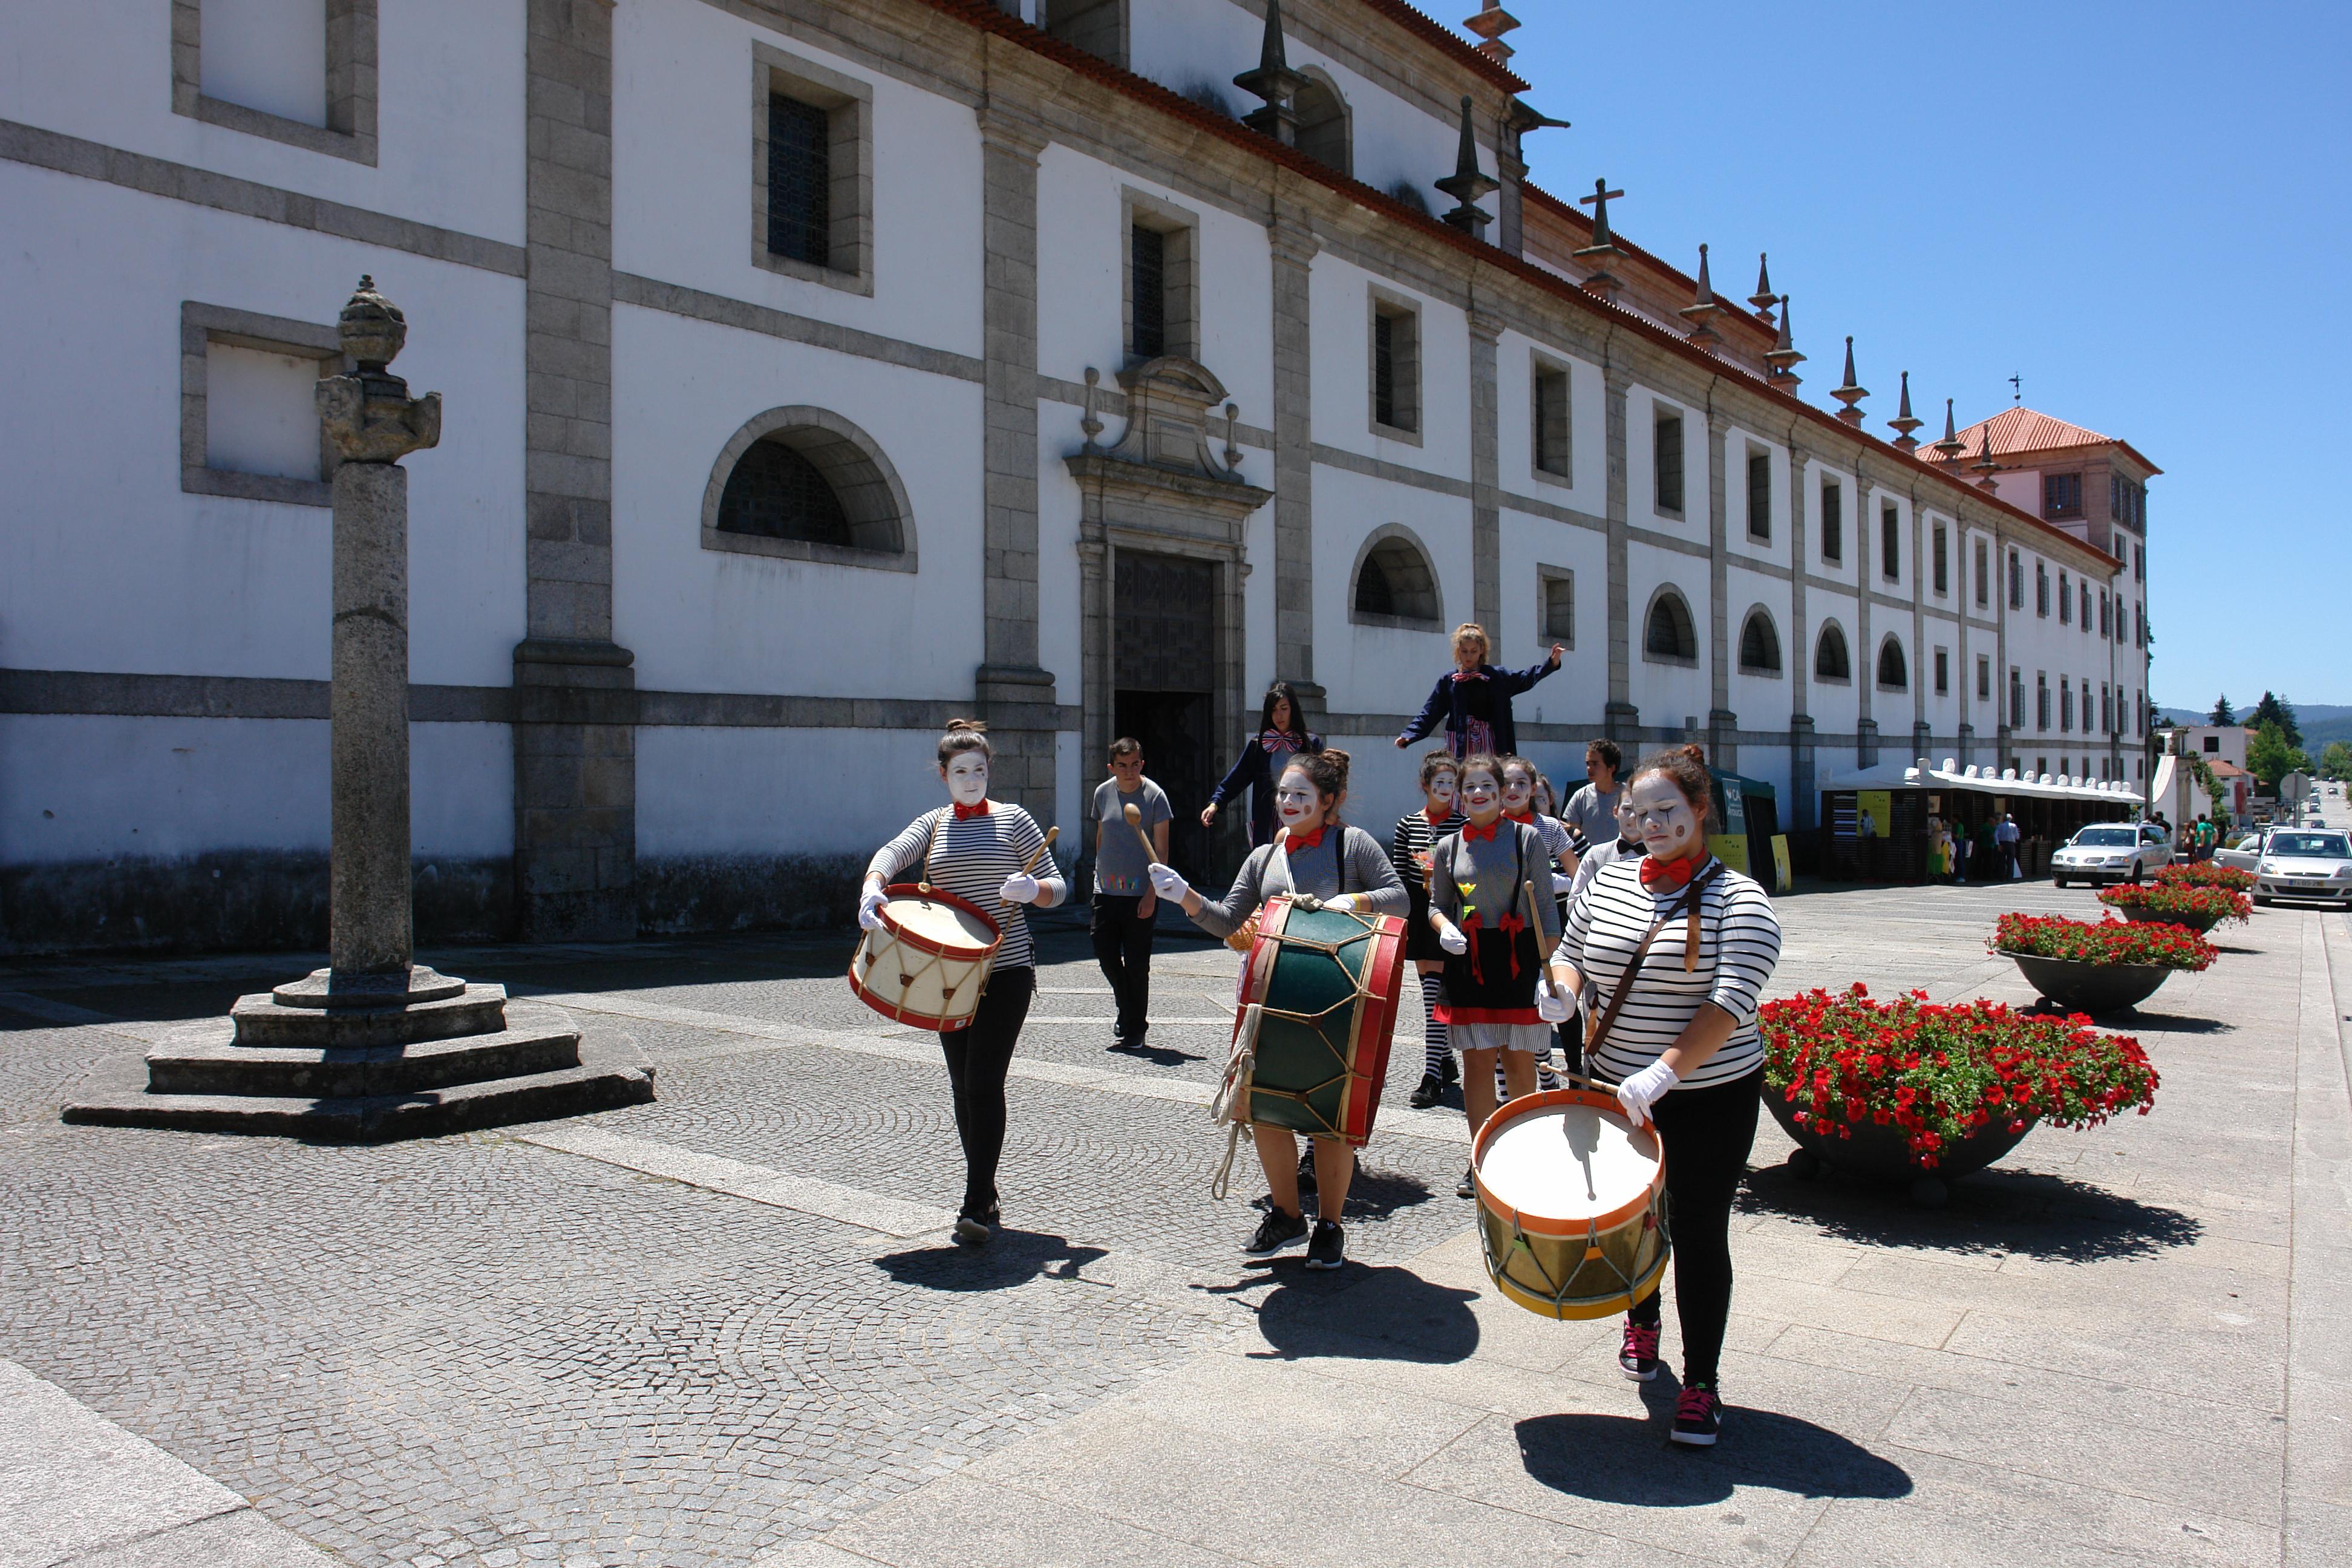 Festival de Artes de Rua contou com cerca de 12 mil visitantes